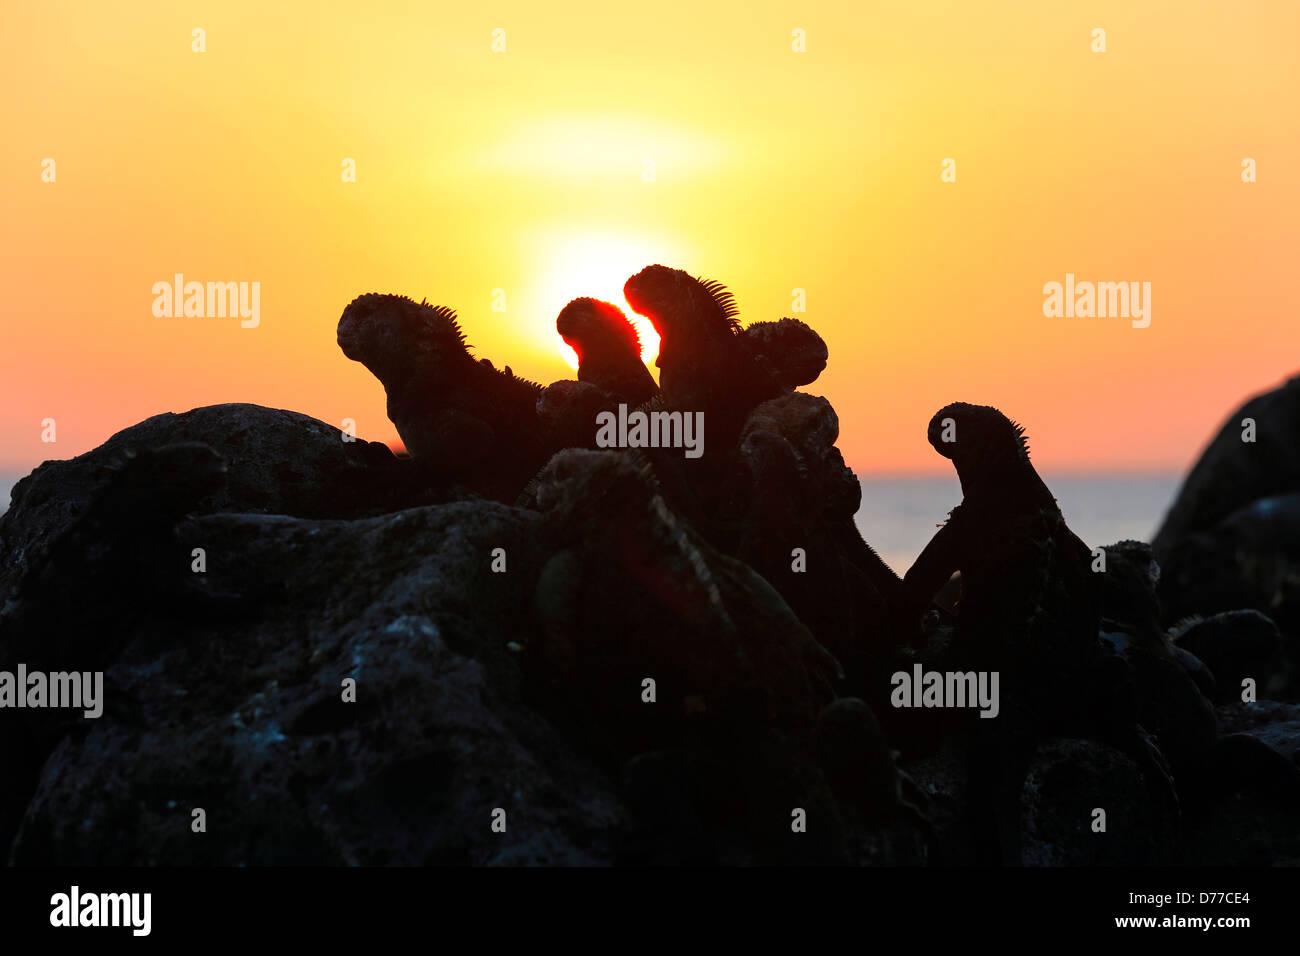 Marine iguanas on volcanic rocks at sunset on Floreana Island - Stock Image